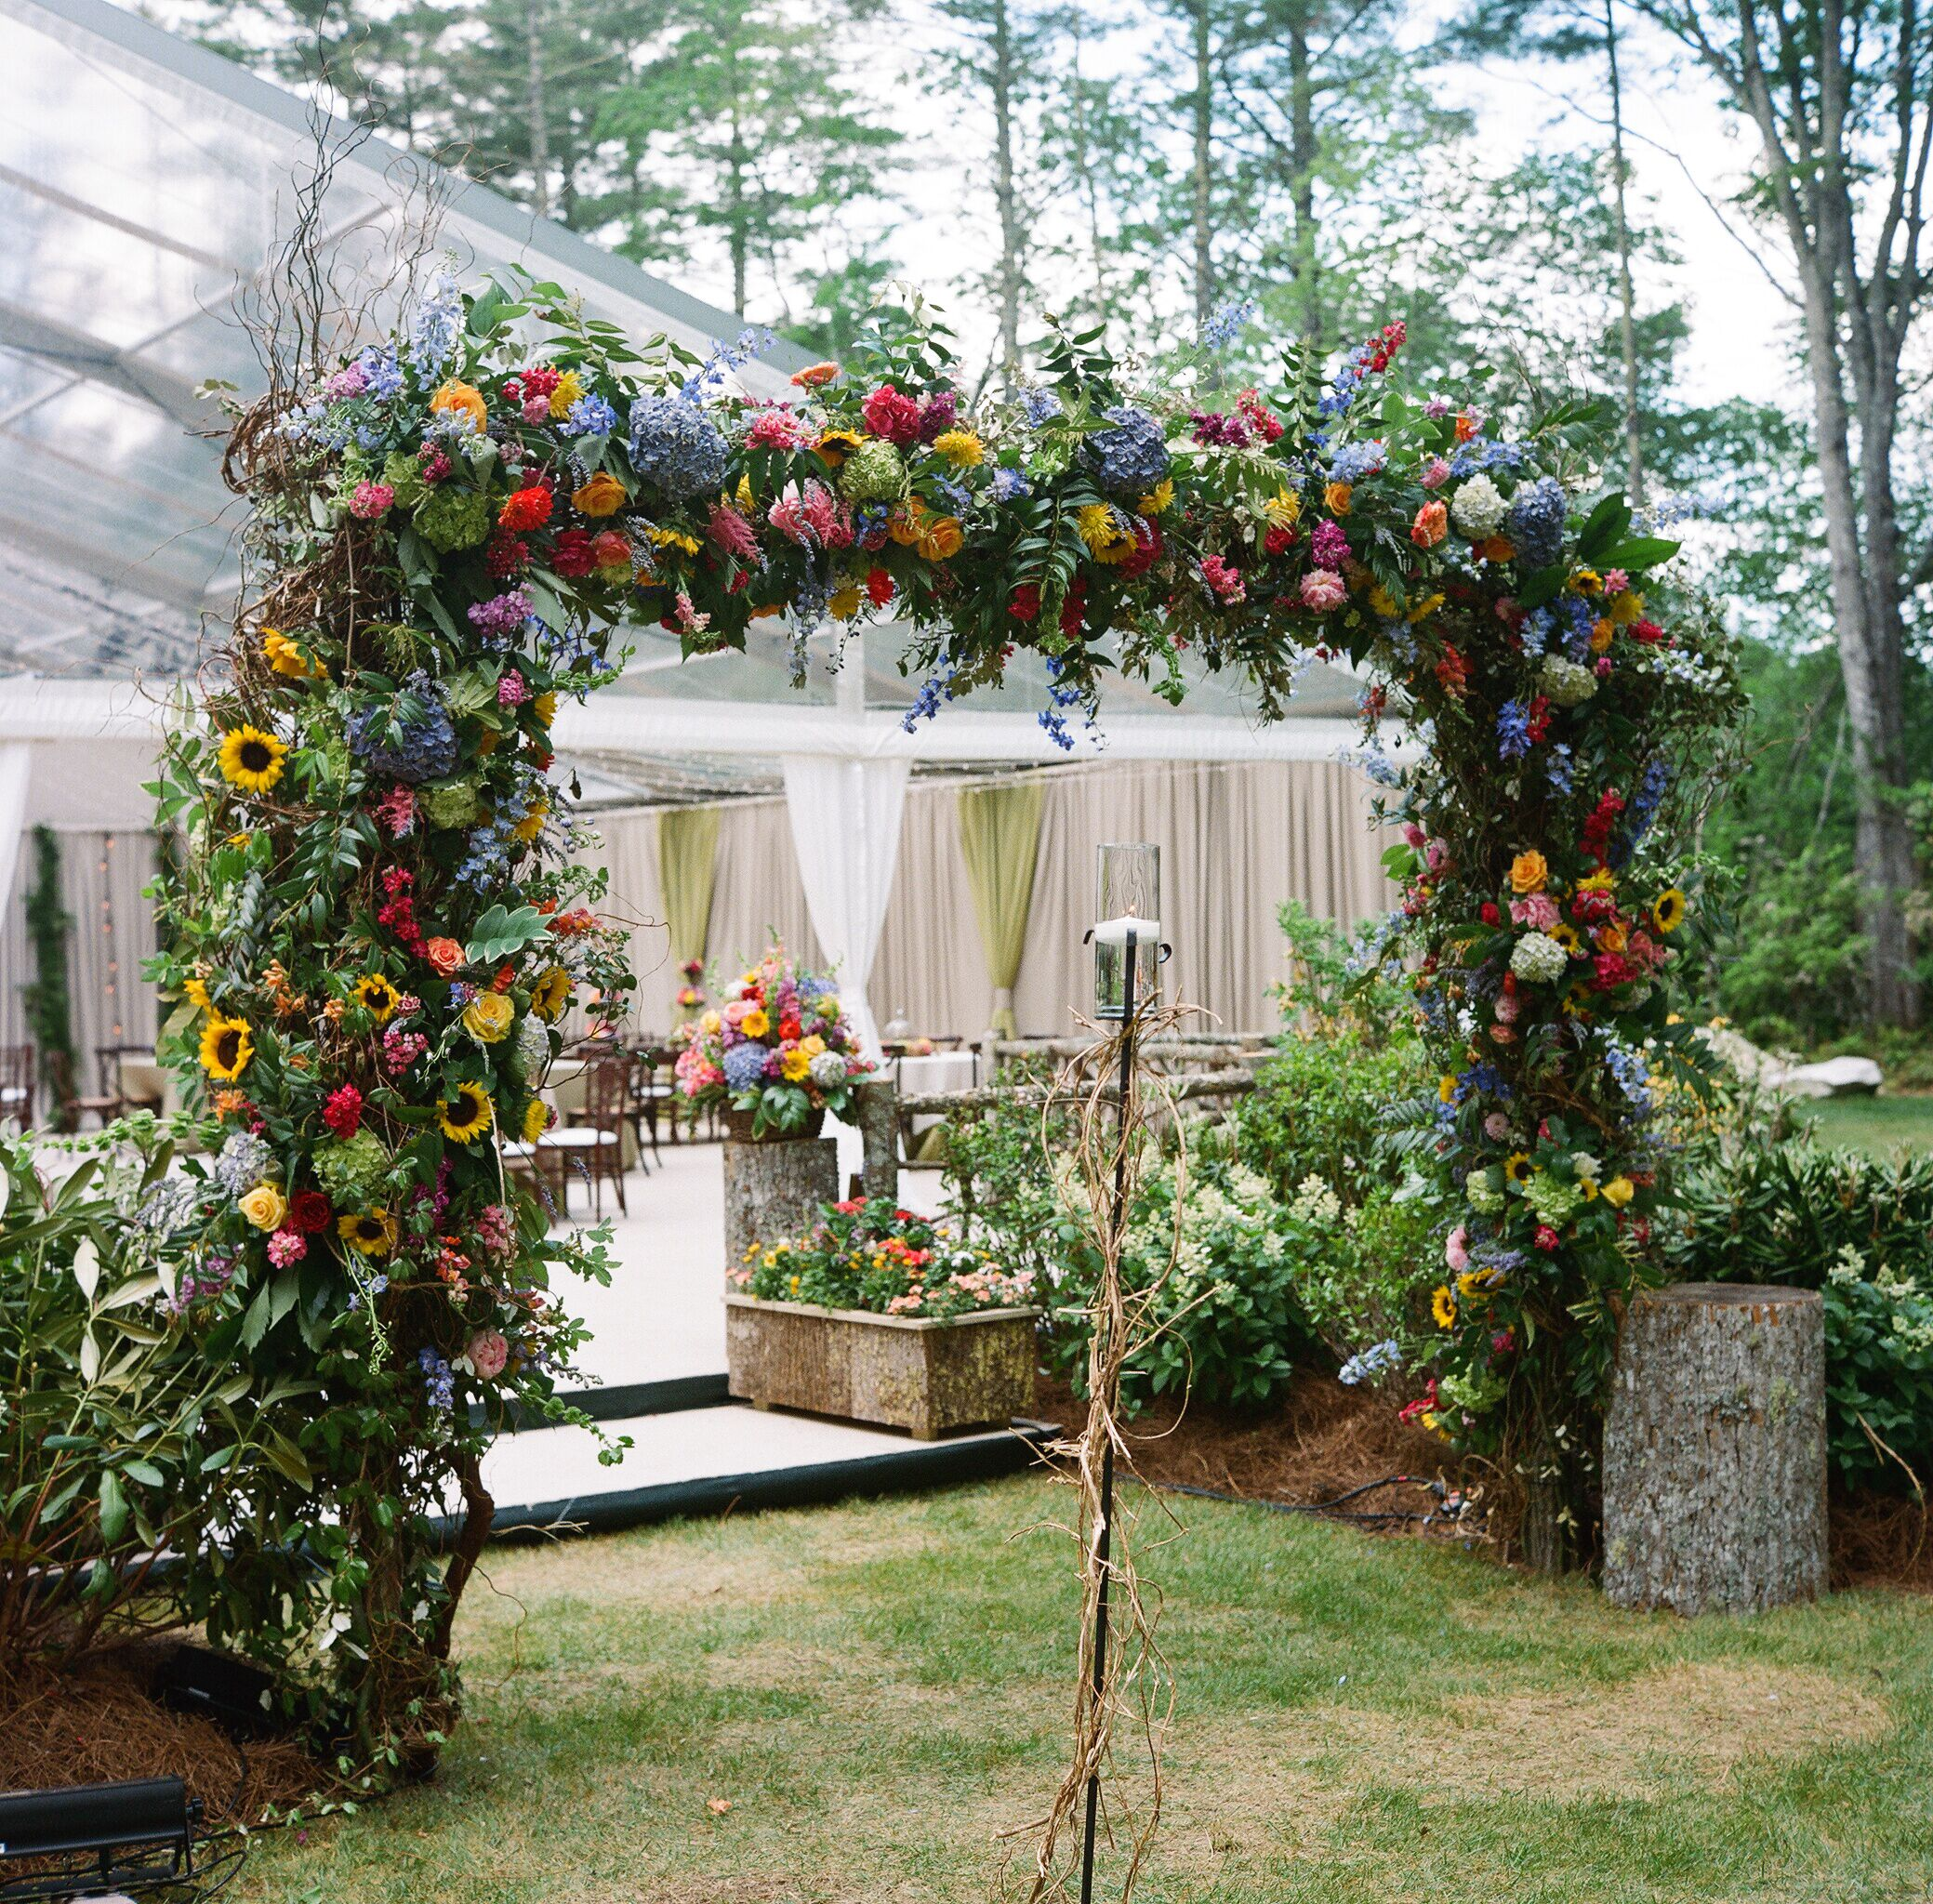 Fashion Forest Beauty Salon: Bold Colorful Flower Wedding Reception Arch Entryway